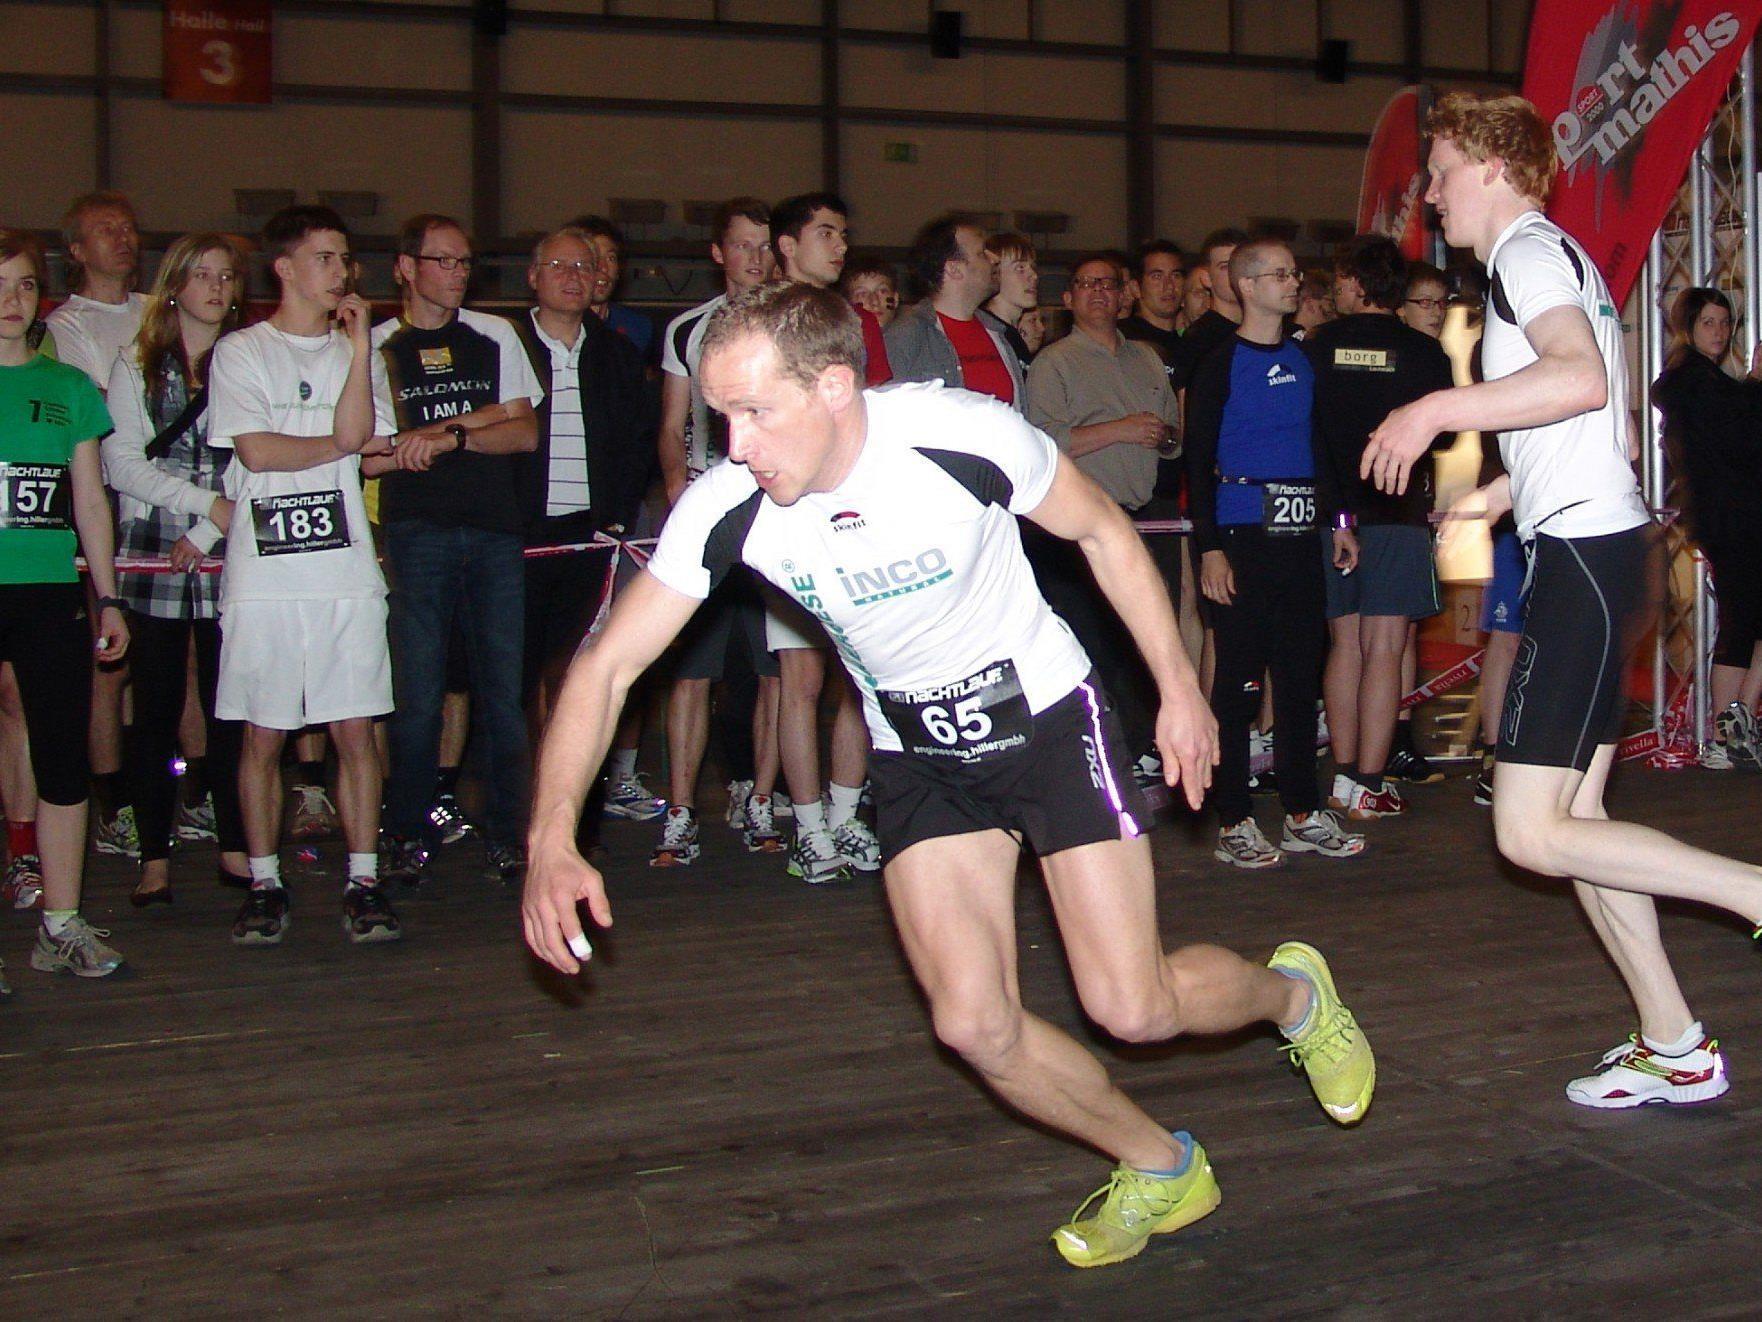 Der 12-Stunden-Nachtlauf in Dornbirn: die Herausforderung für alle, die gerne laufen.